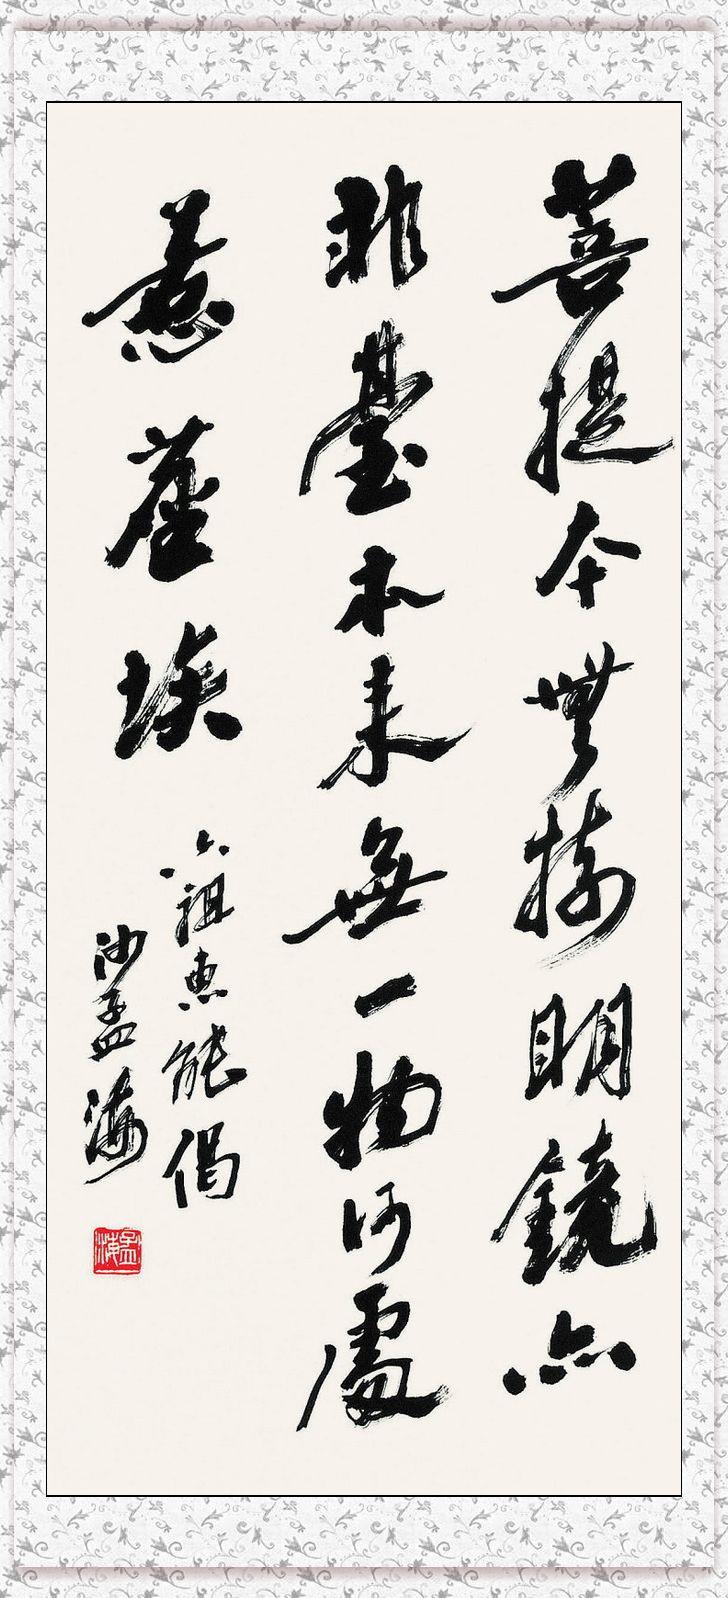 晚年沙孟海书法的雄肆,开张,沉毅在很大程度上即源于他对榜书的化用.